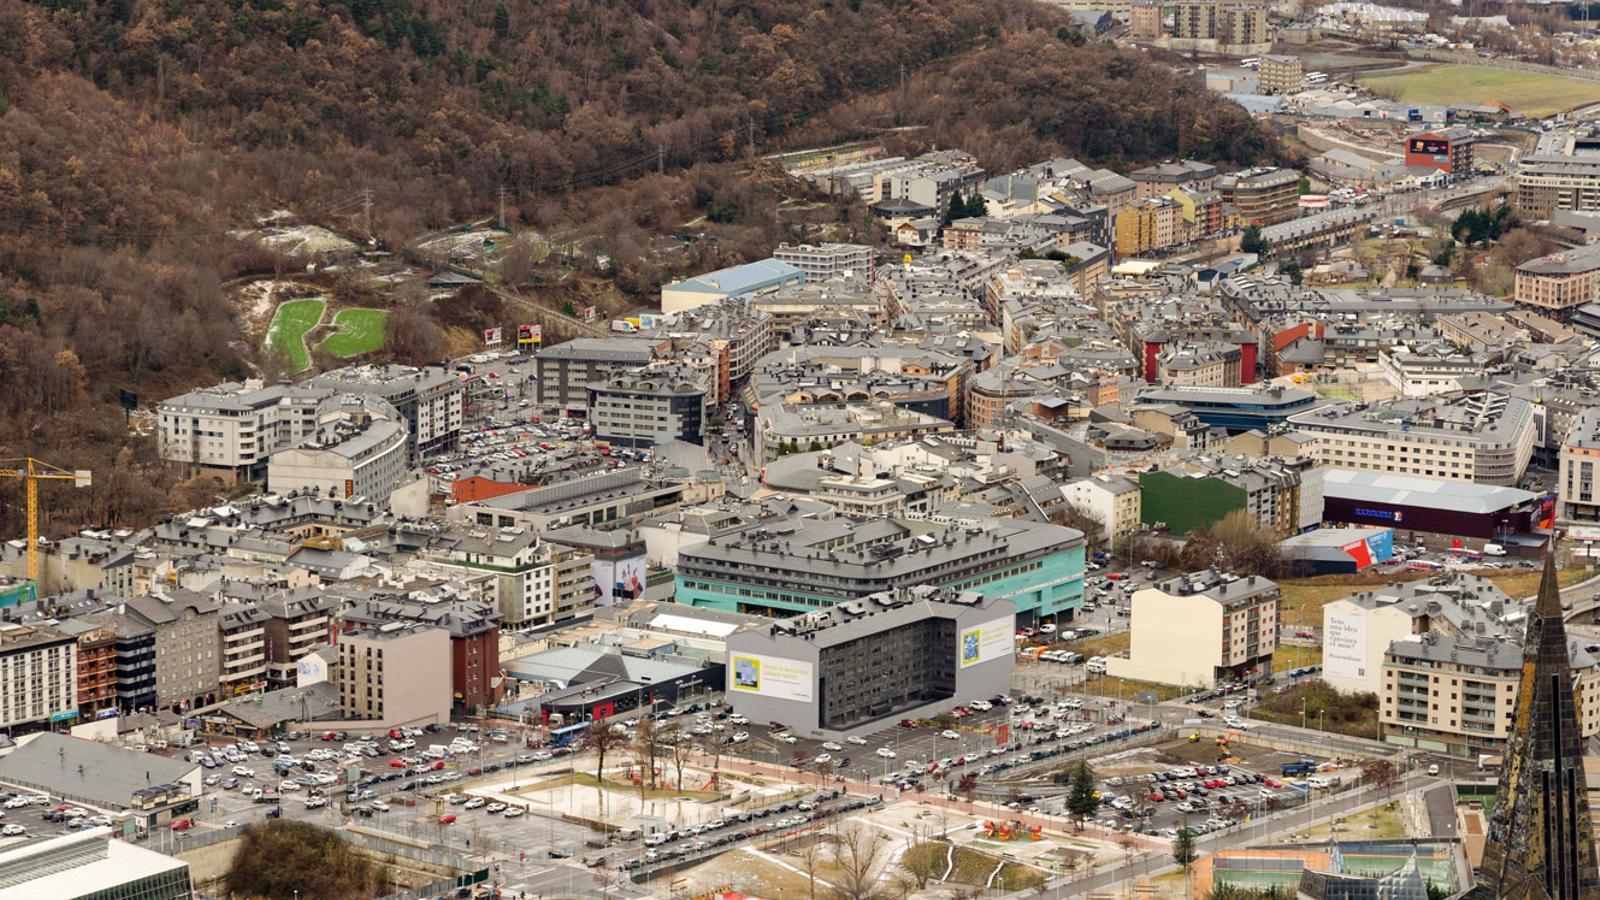 Vista aèria de la vall central, on es concentra la major part de població. / ARXIU